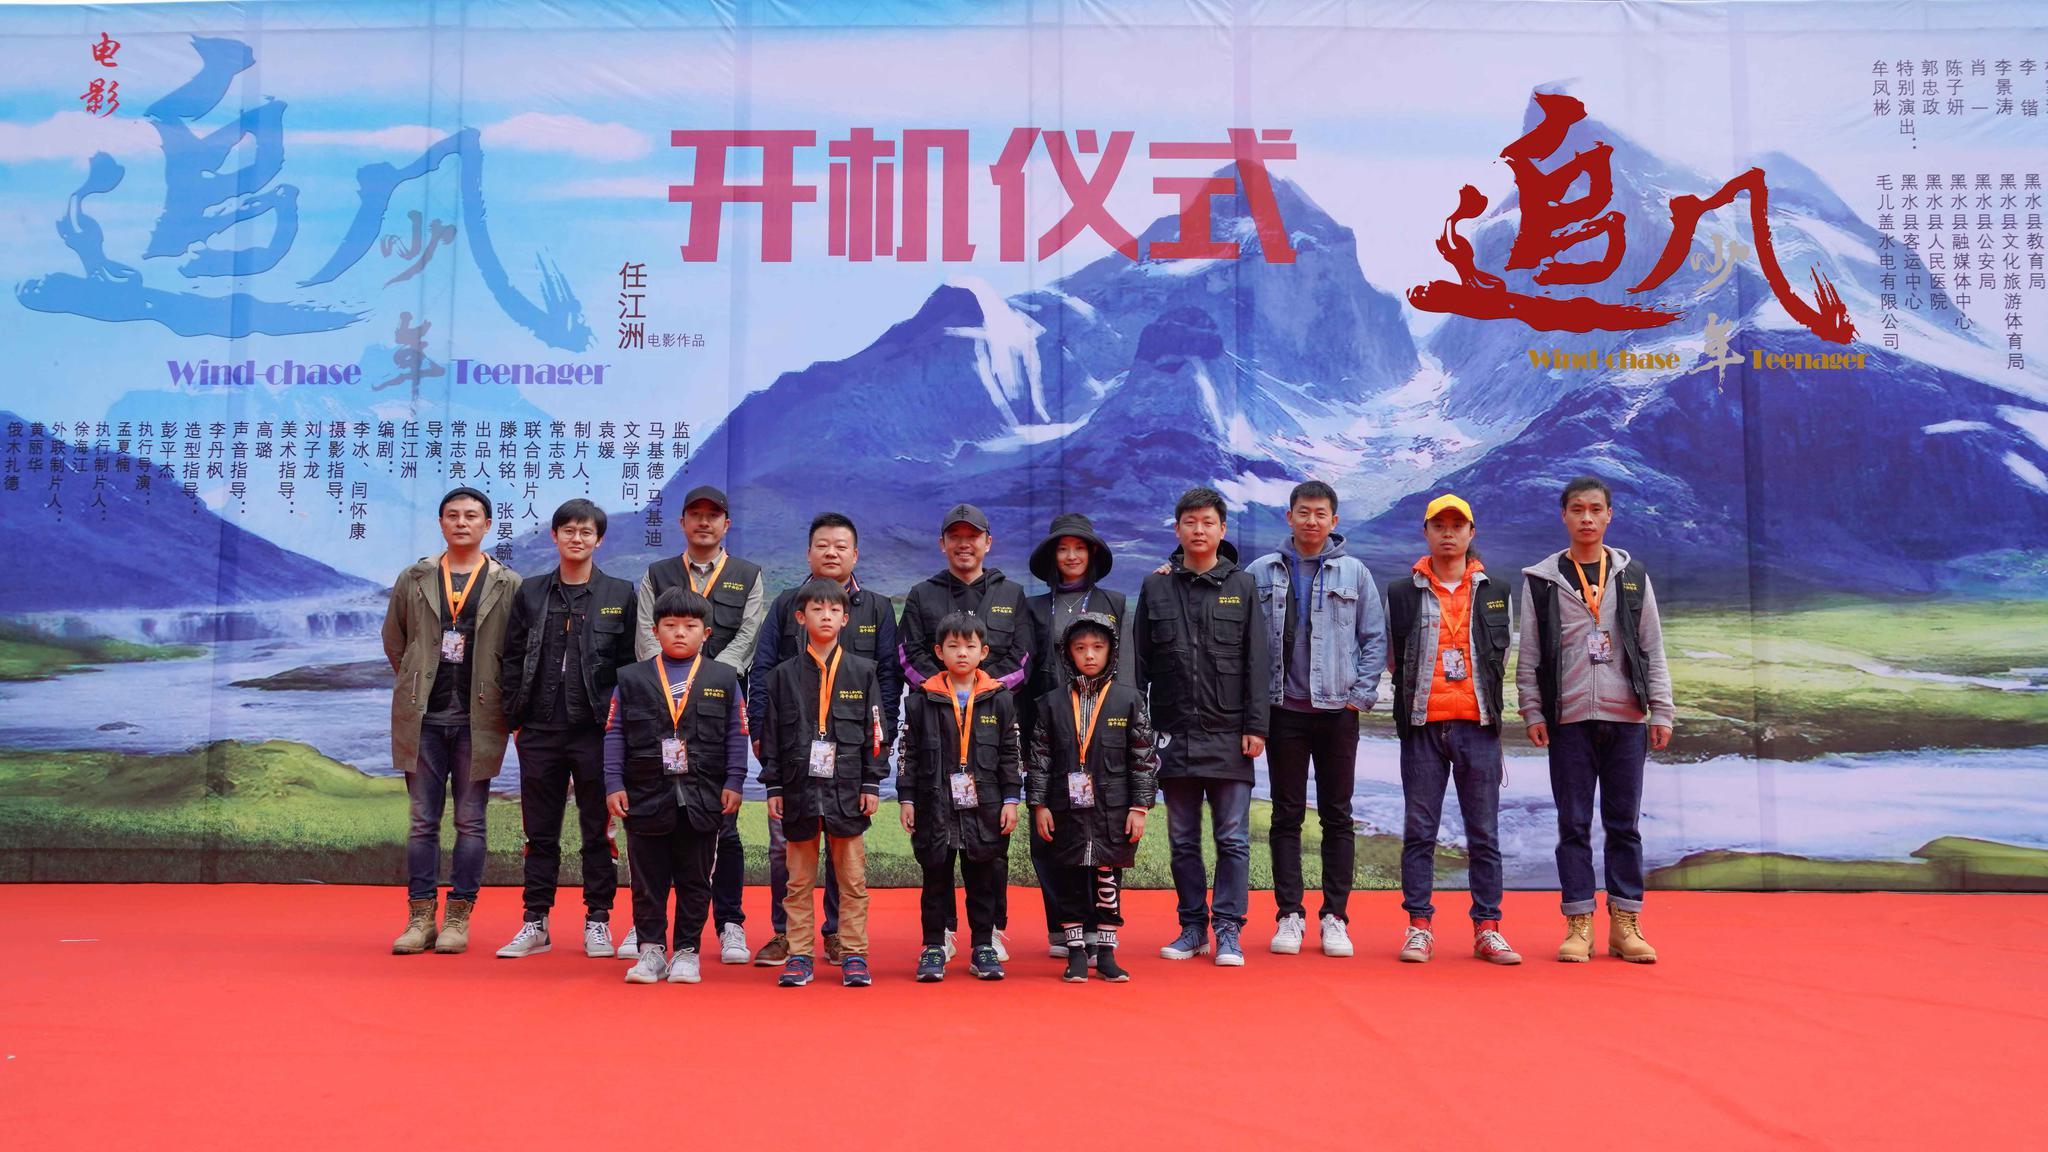 電影《追風少年》開機儀式在達古冰川景區舉行